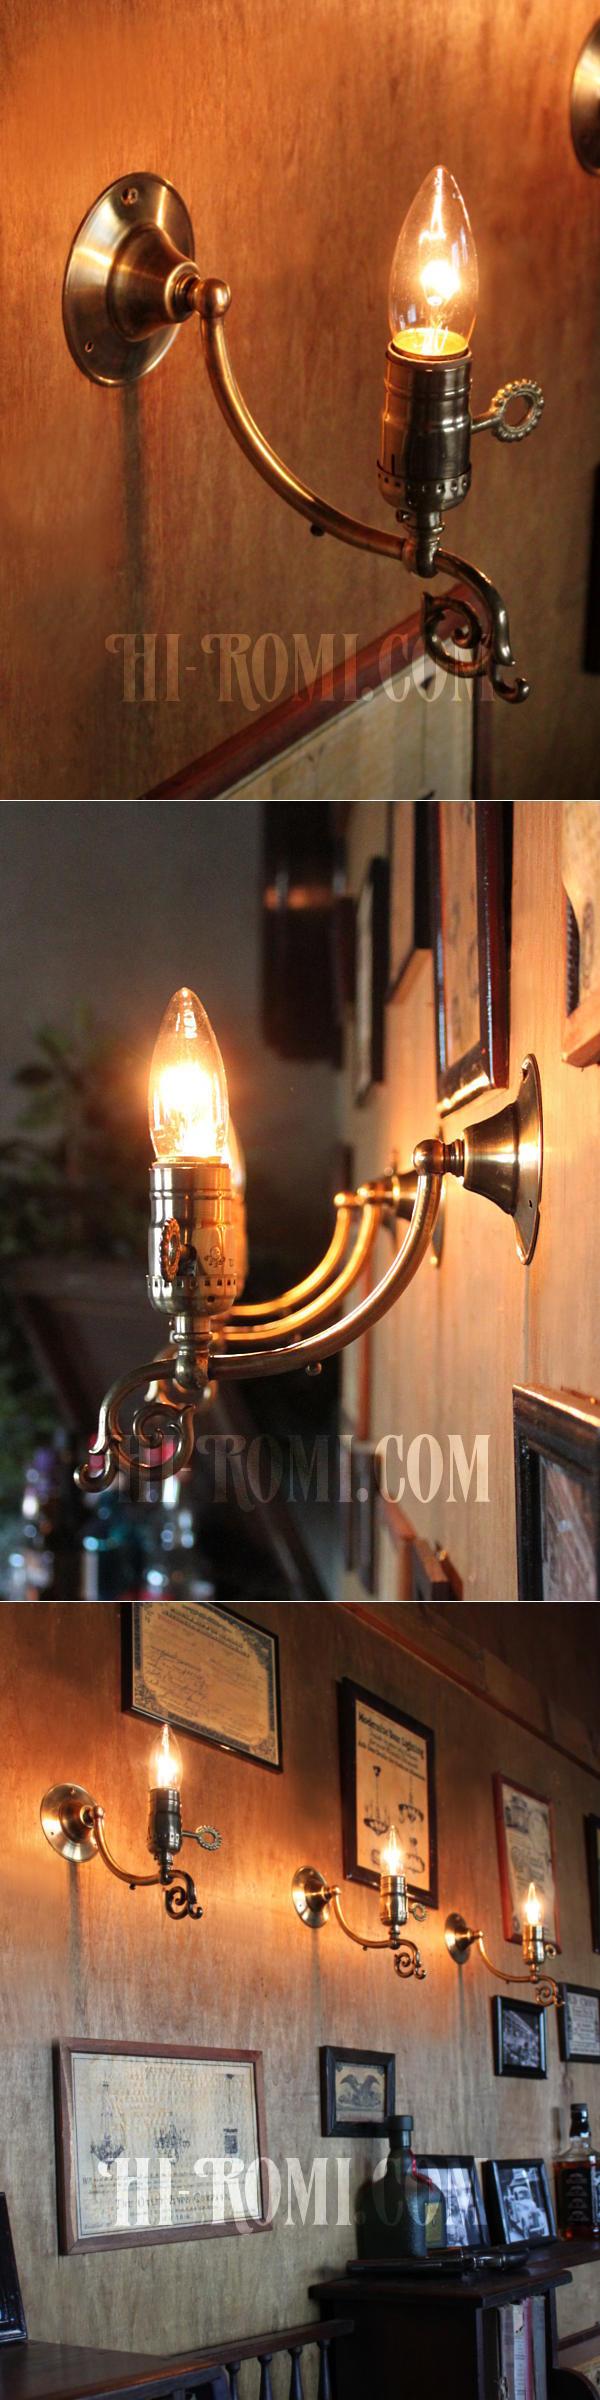 LEVITON社製真鍮ソケット付フォーリッジスクロールA/アメリカンコロニアルヴィクトリアンランプ壁掛照明ウォールライト